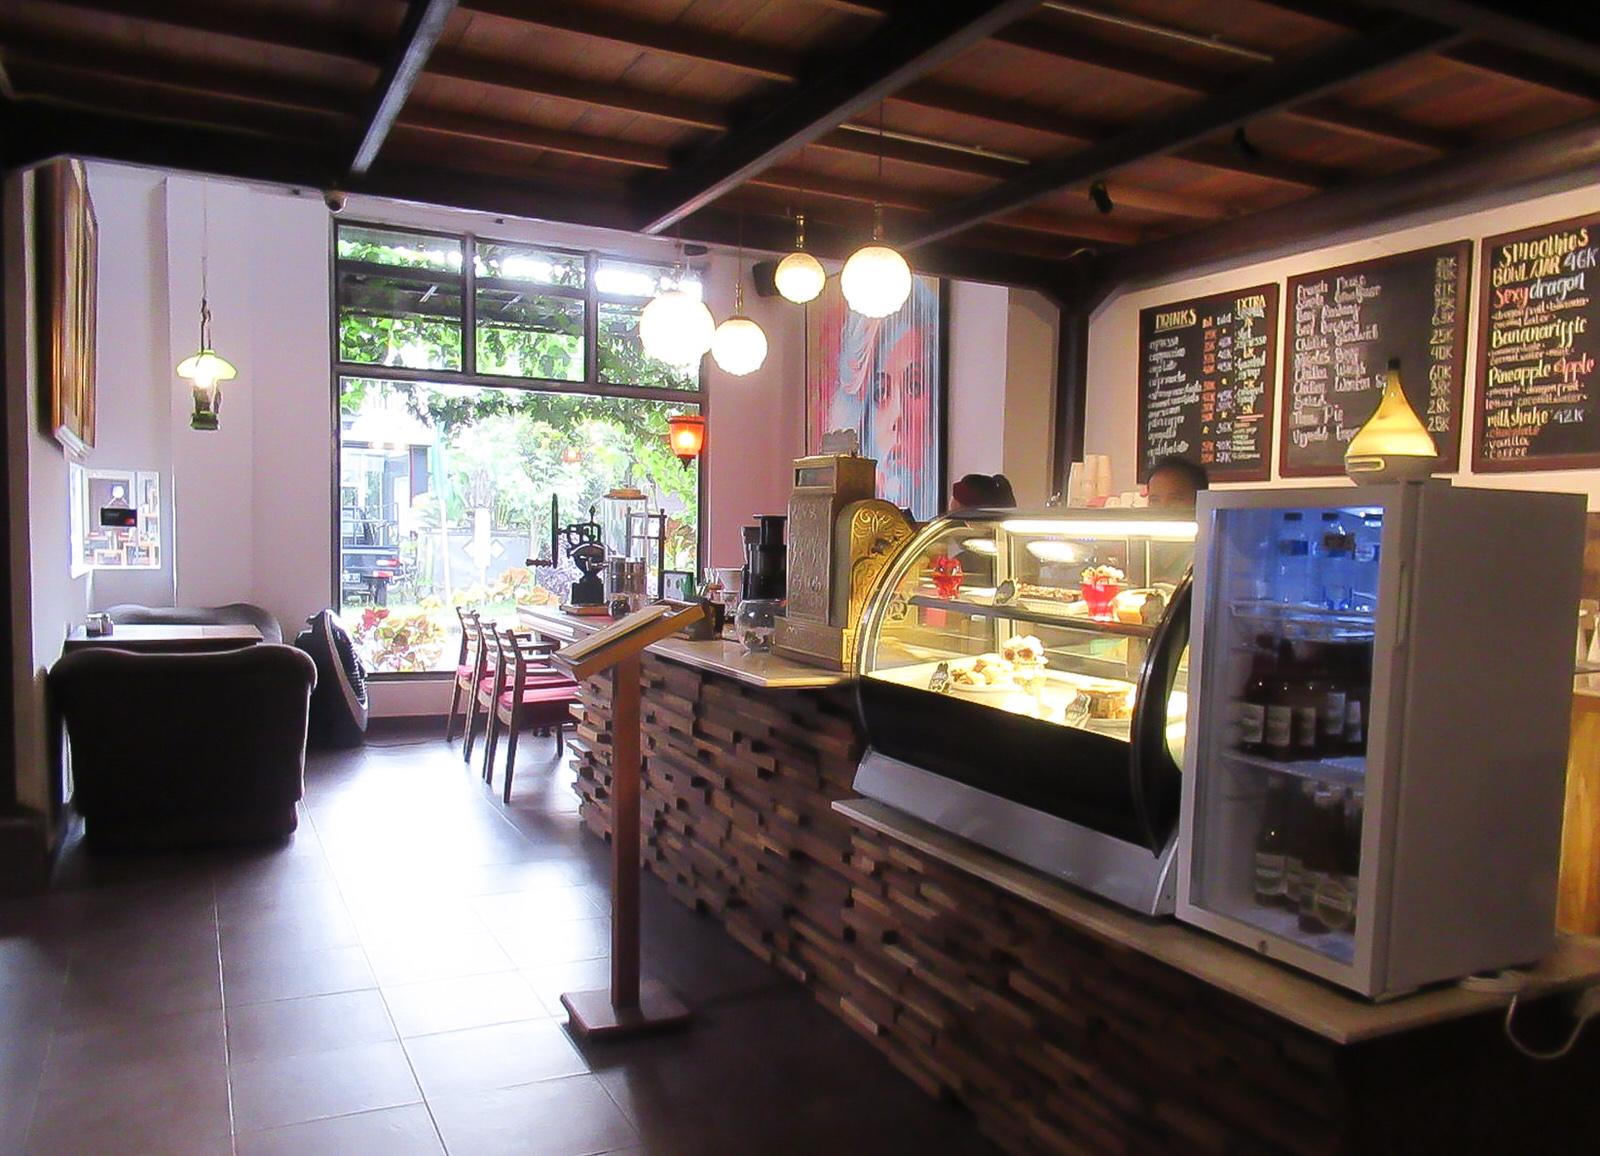 アルティア美術カフェ|ネカ美術館に行ったらゼヒ立ち寄りたい!